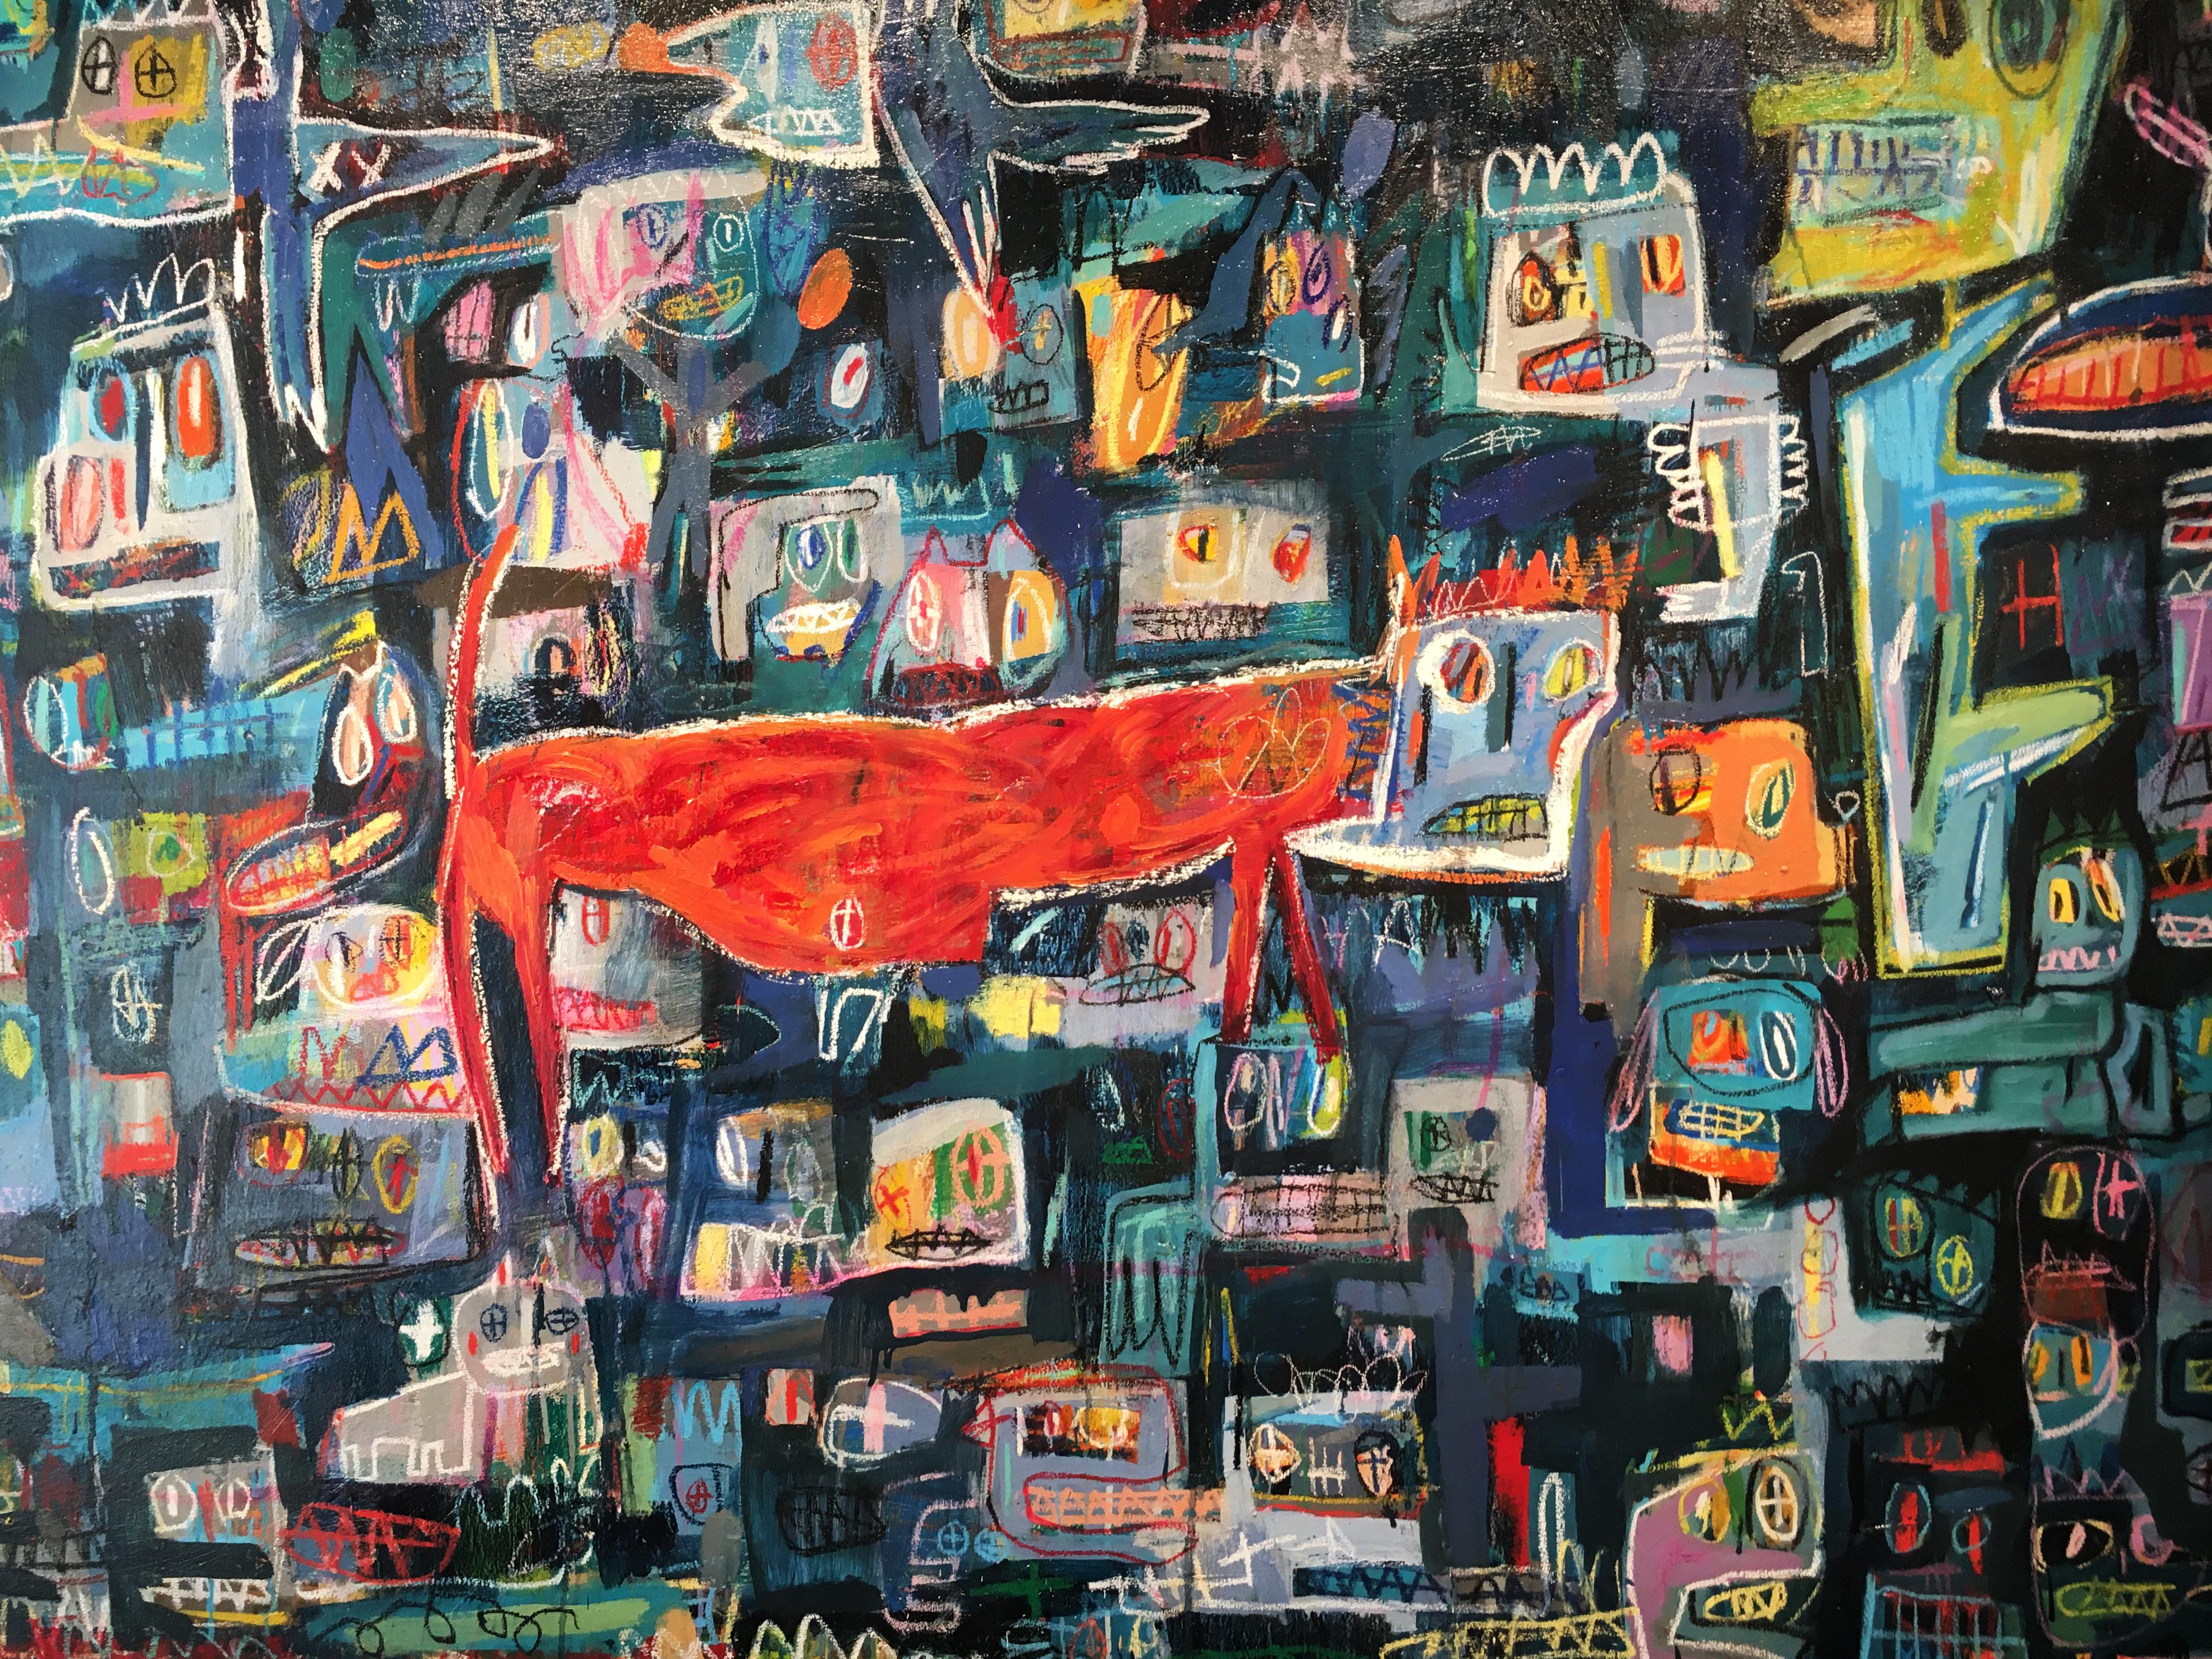 張瓊方,《我發現自己宅在框框裡》細節,130 x 194 cm,油彩、蠟筆、畫布,2016。